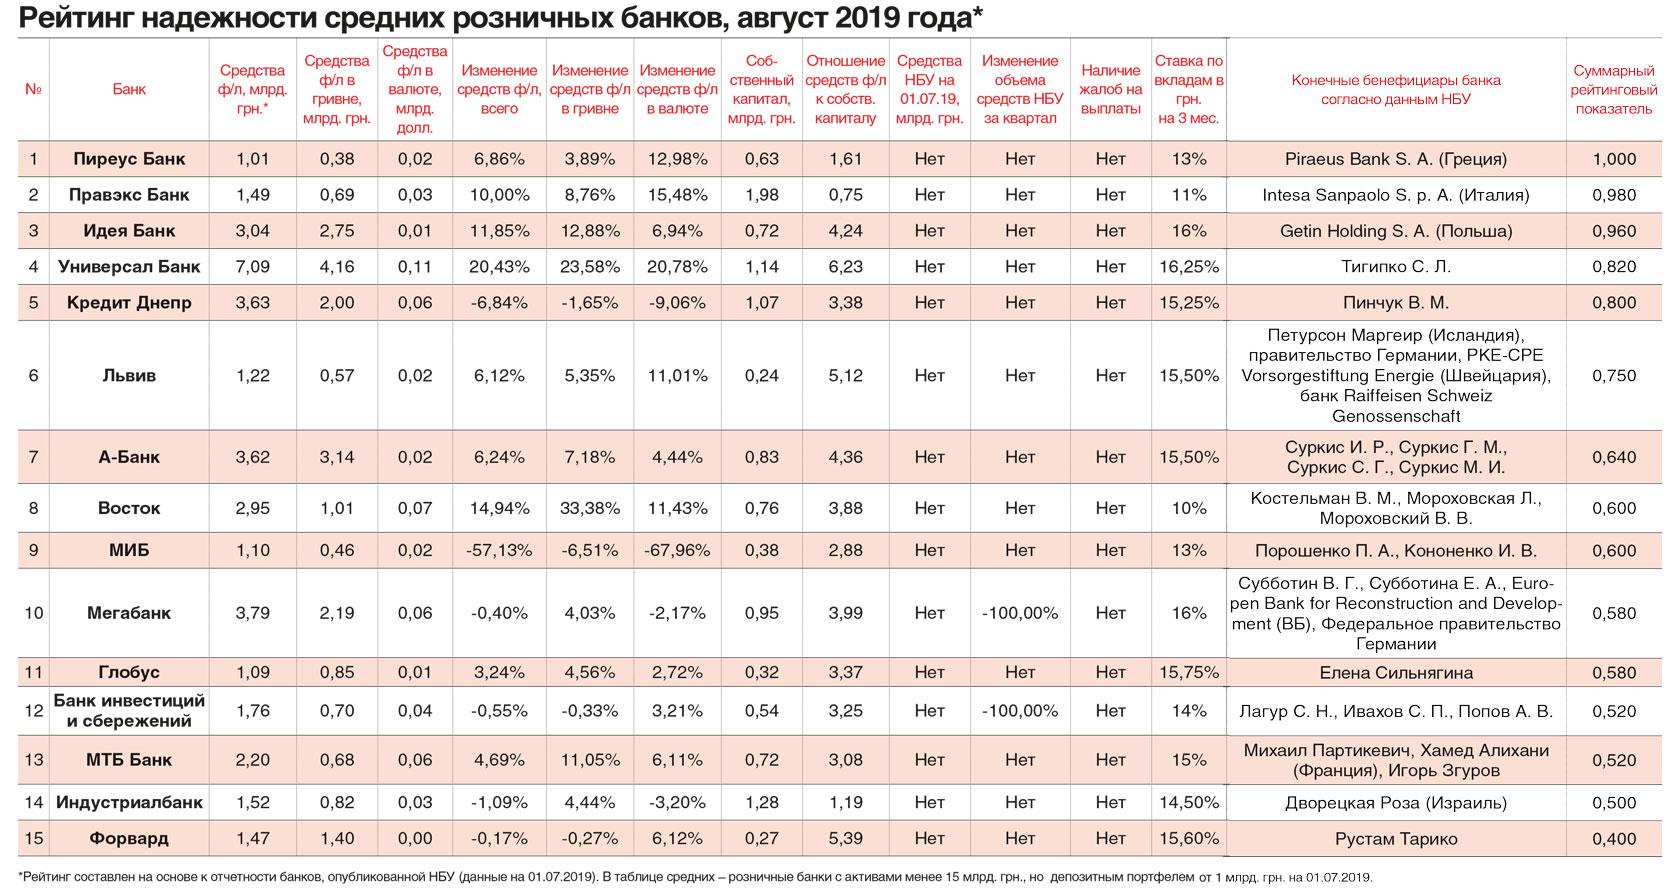 Рейтинг надежности средних розничных банков